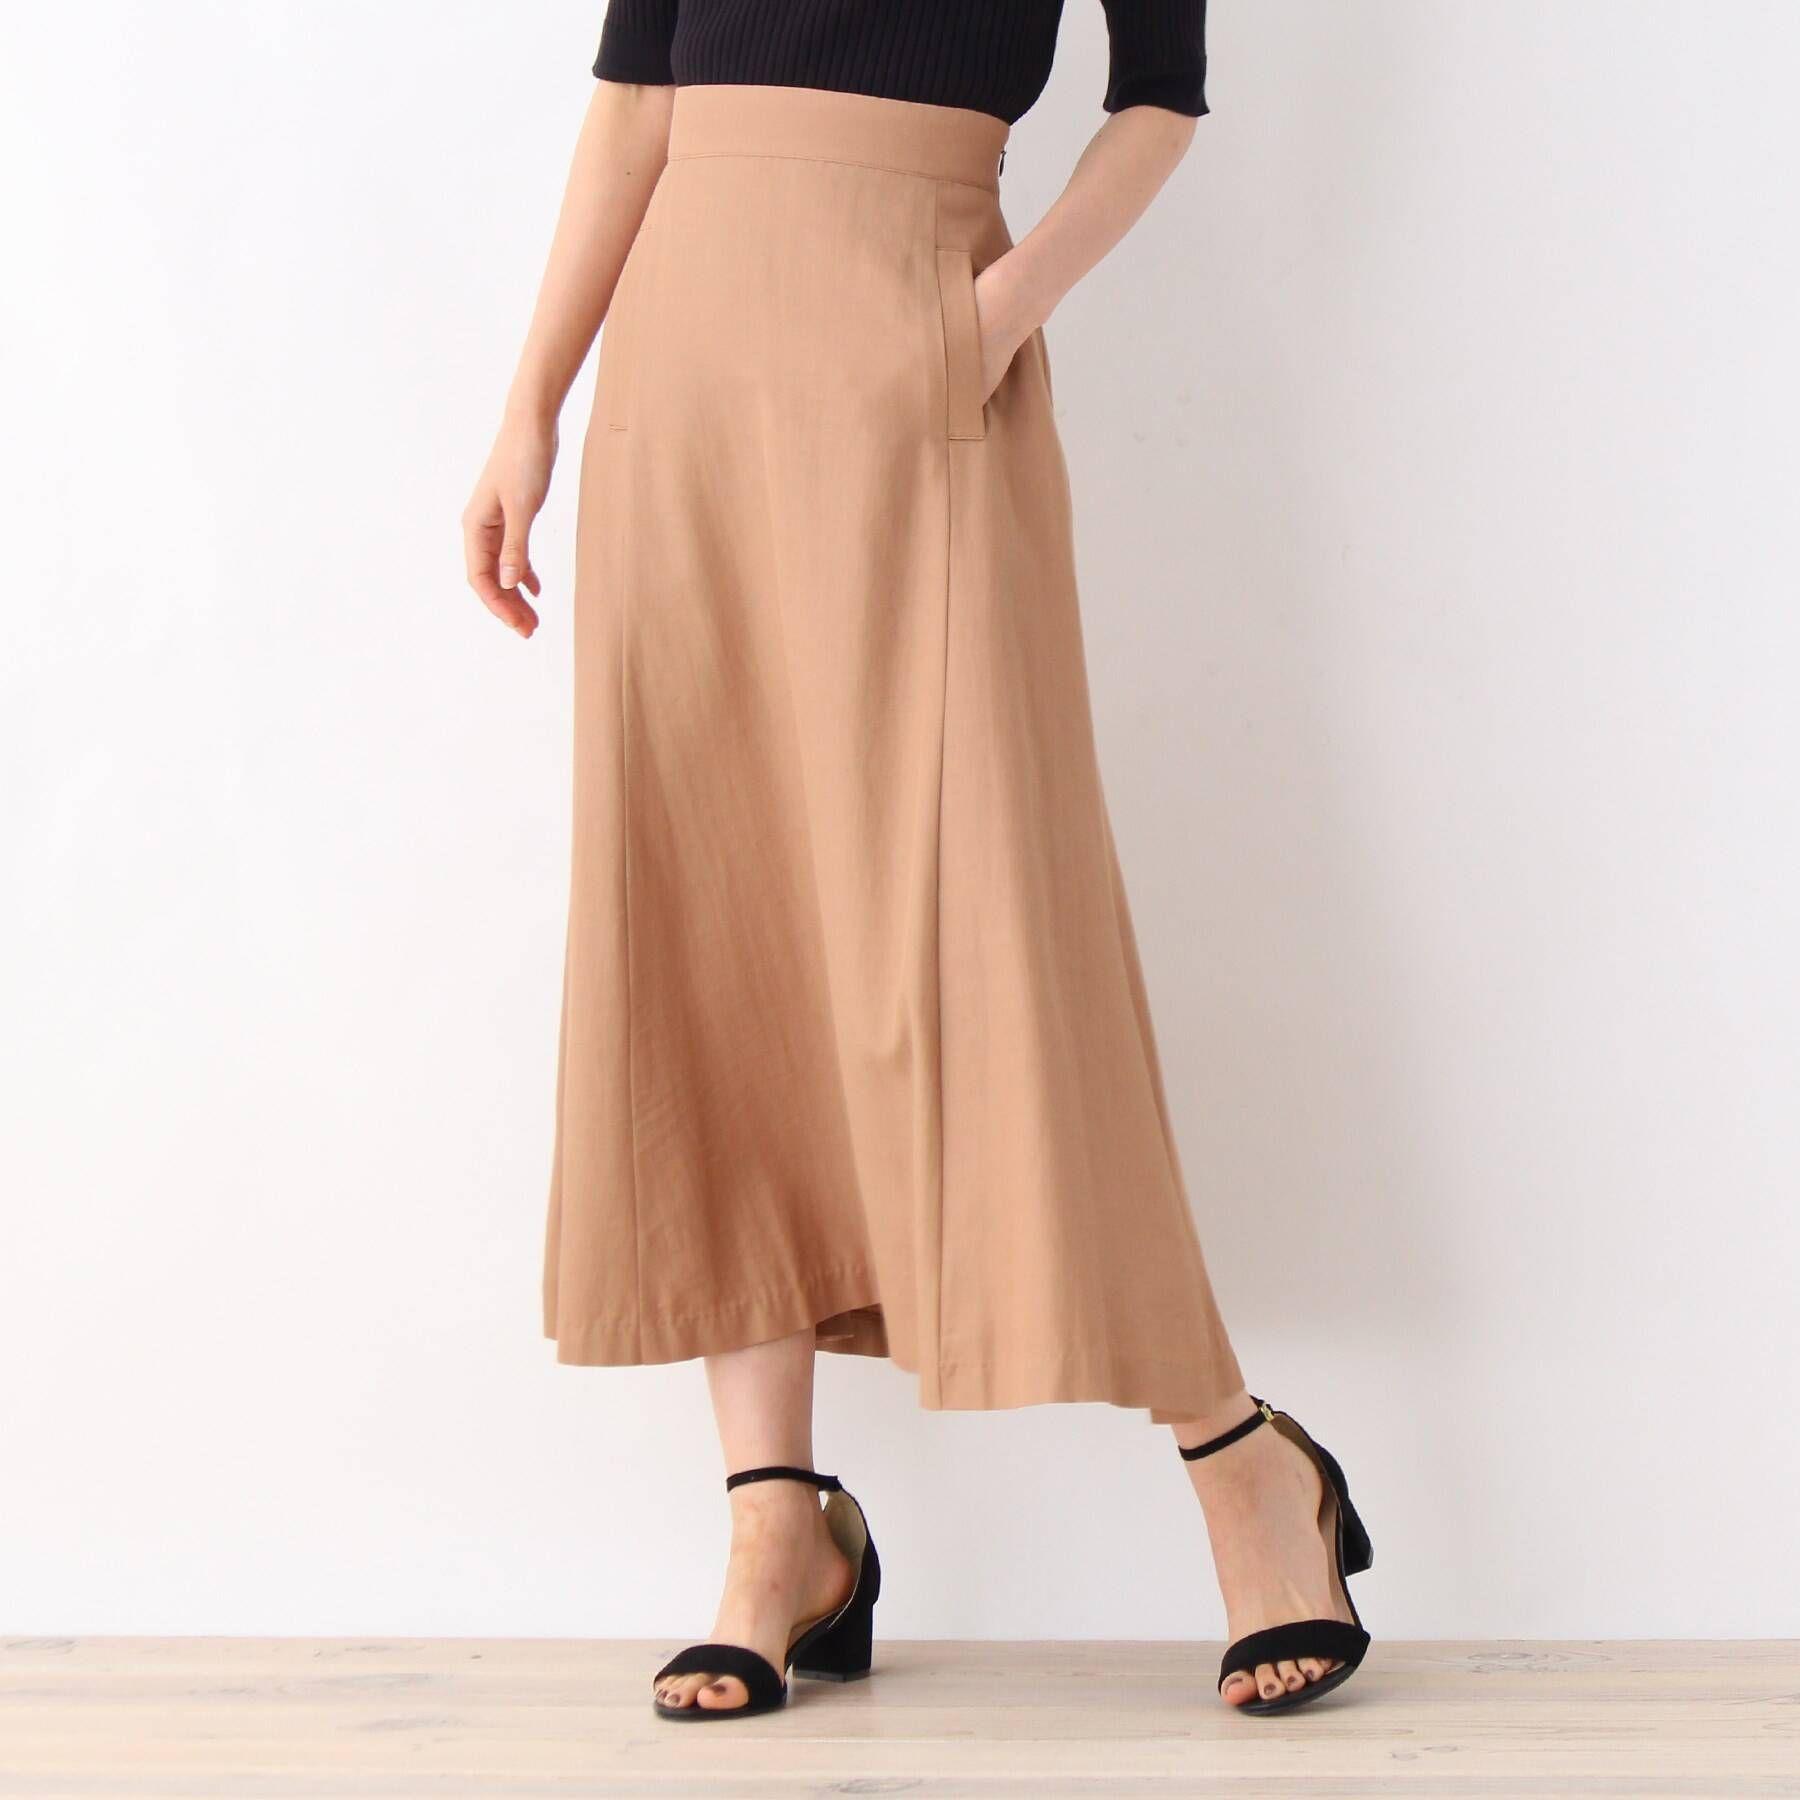 集英社 HAPPY PLUS STOREで買える「OPAQUE.CLIP(オペーク ドット クリップ/リンクルエアーツイルスカート」の画像です。価格は2,195円になります。